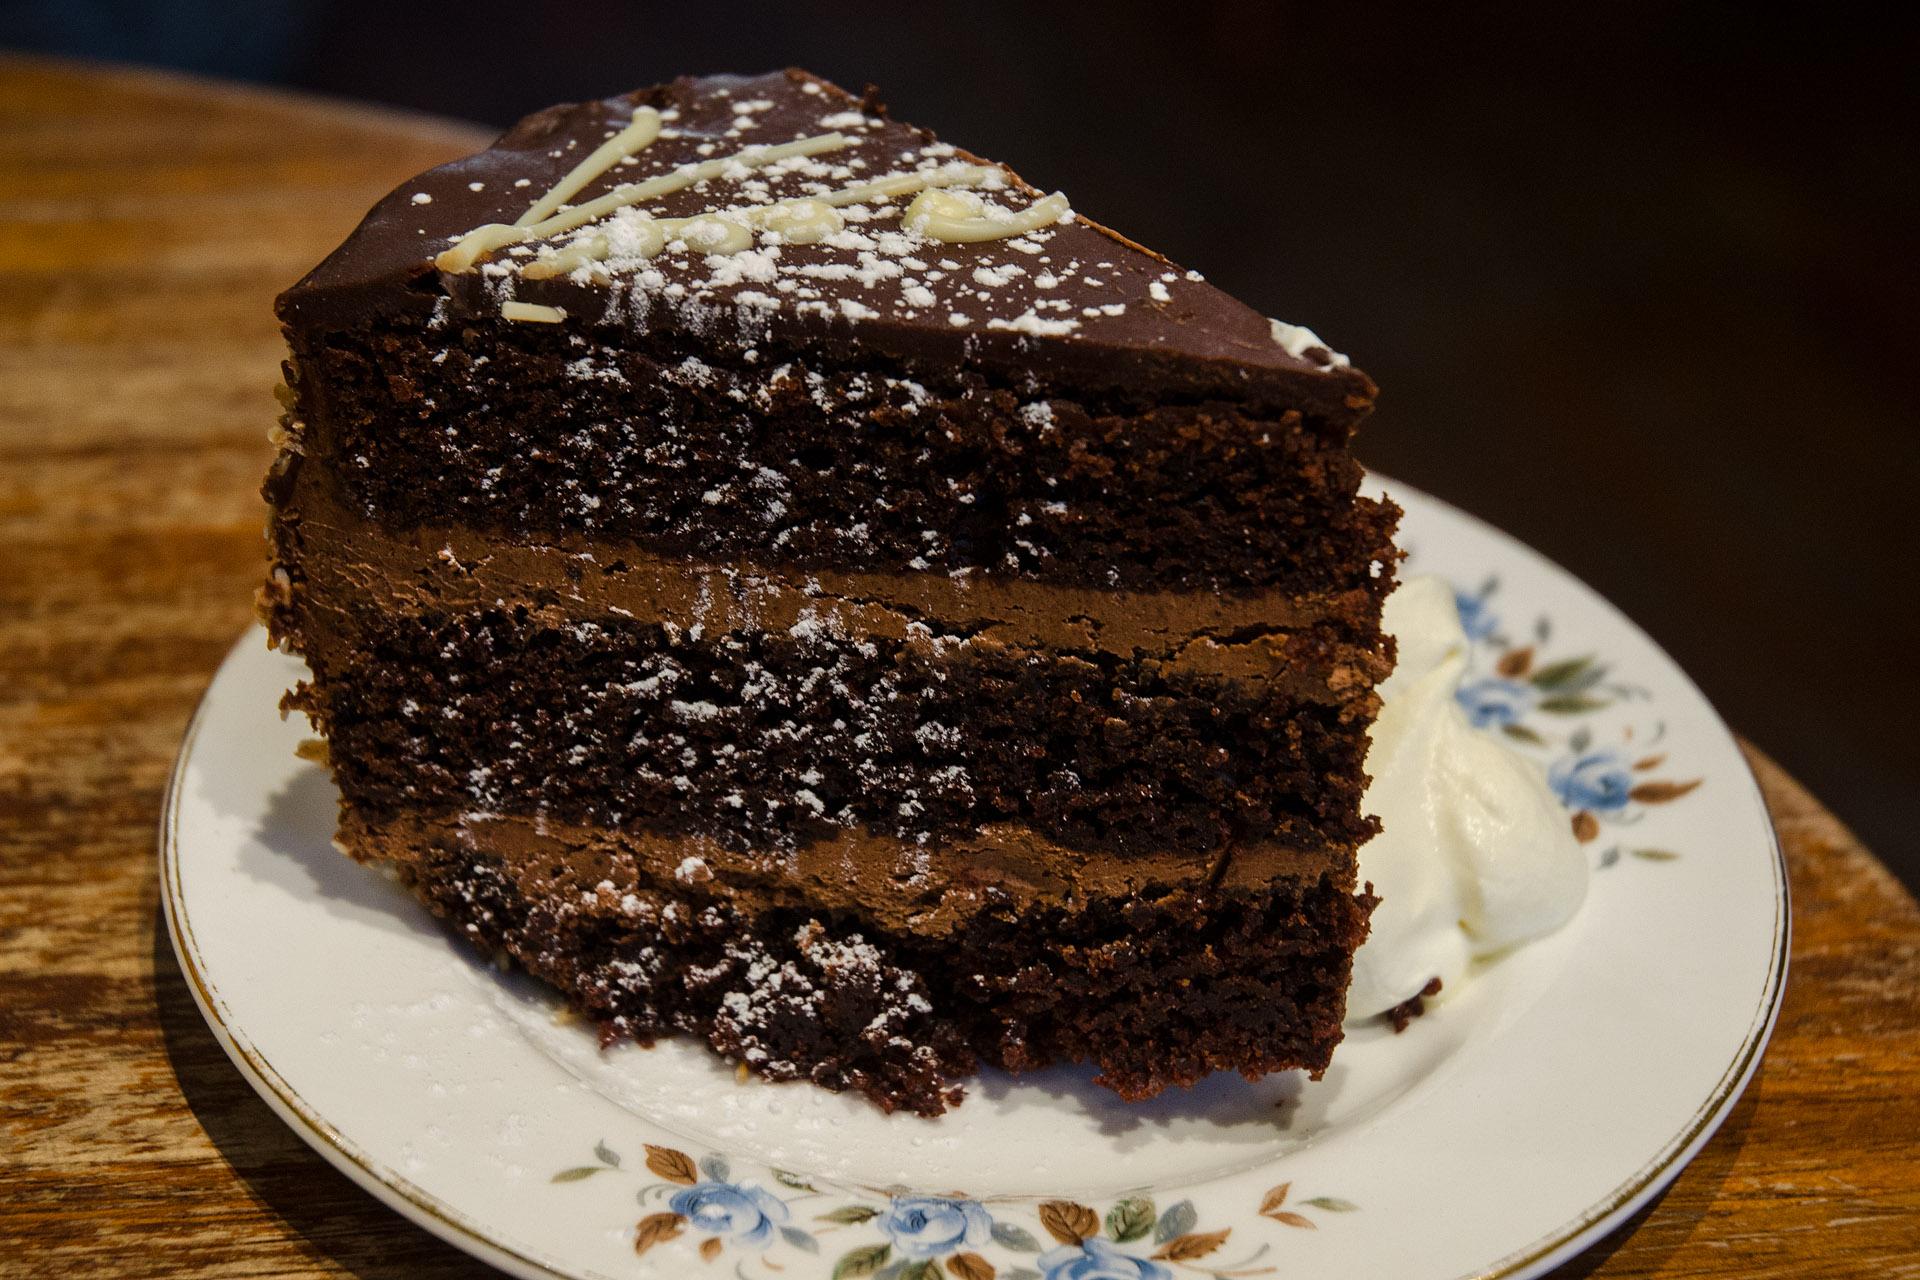 Queen of Tarts fudge cake